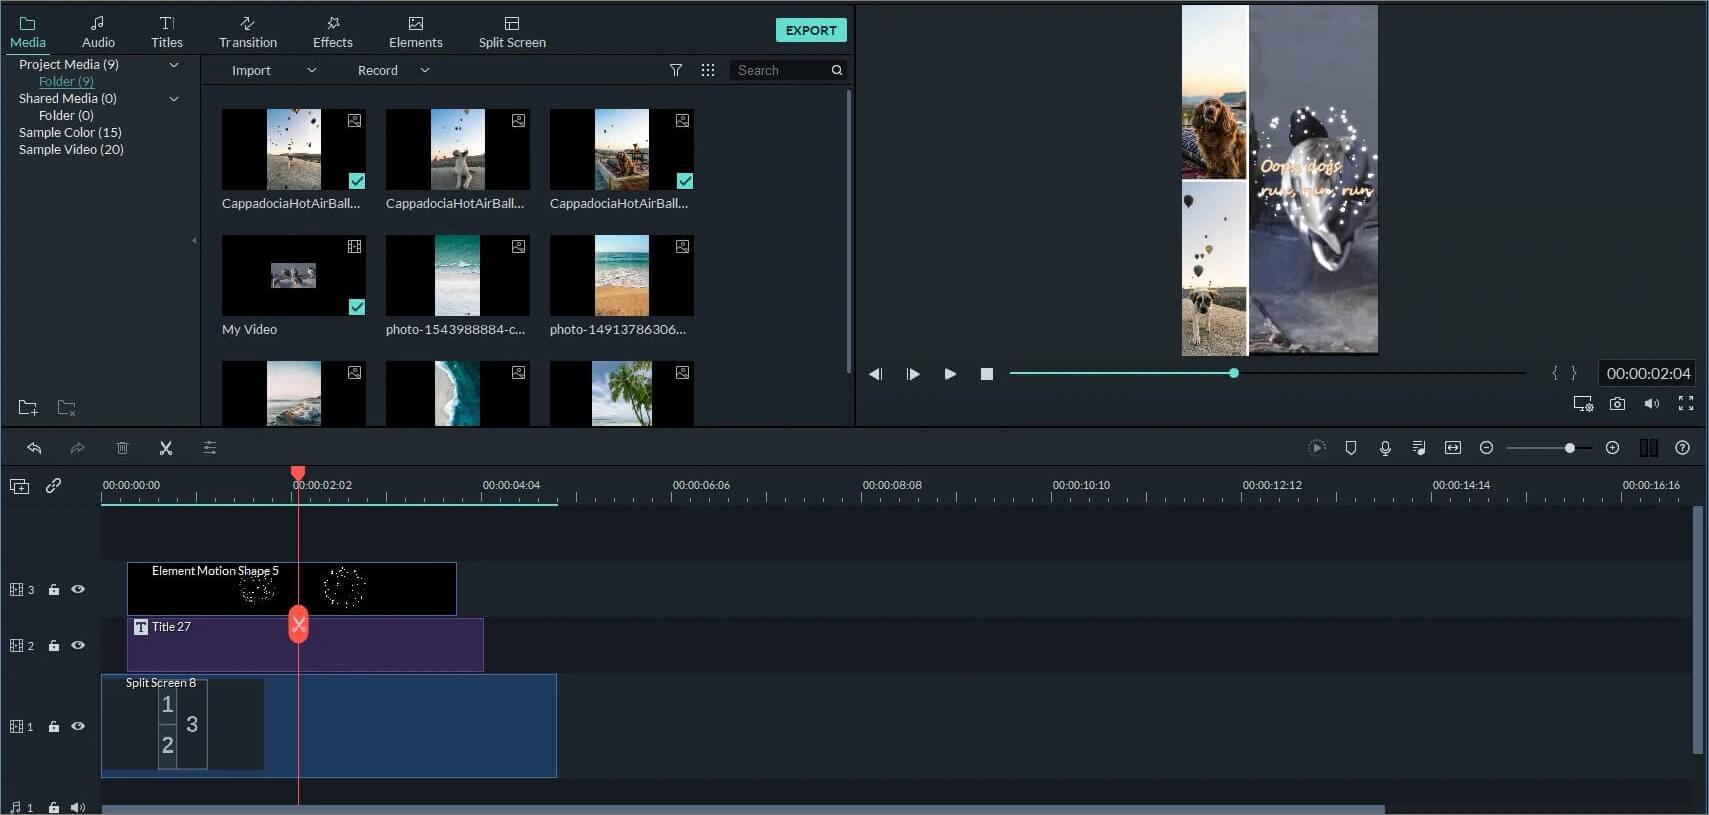 Filmora9 Reaktionsvideos mit Split-Screen-Voreinstellungen und -Elementen erstellen